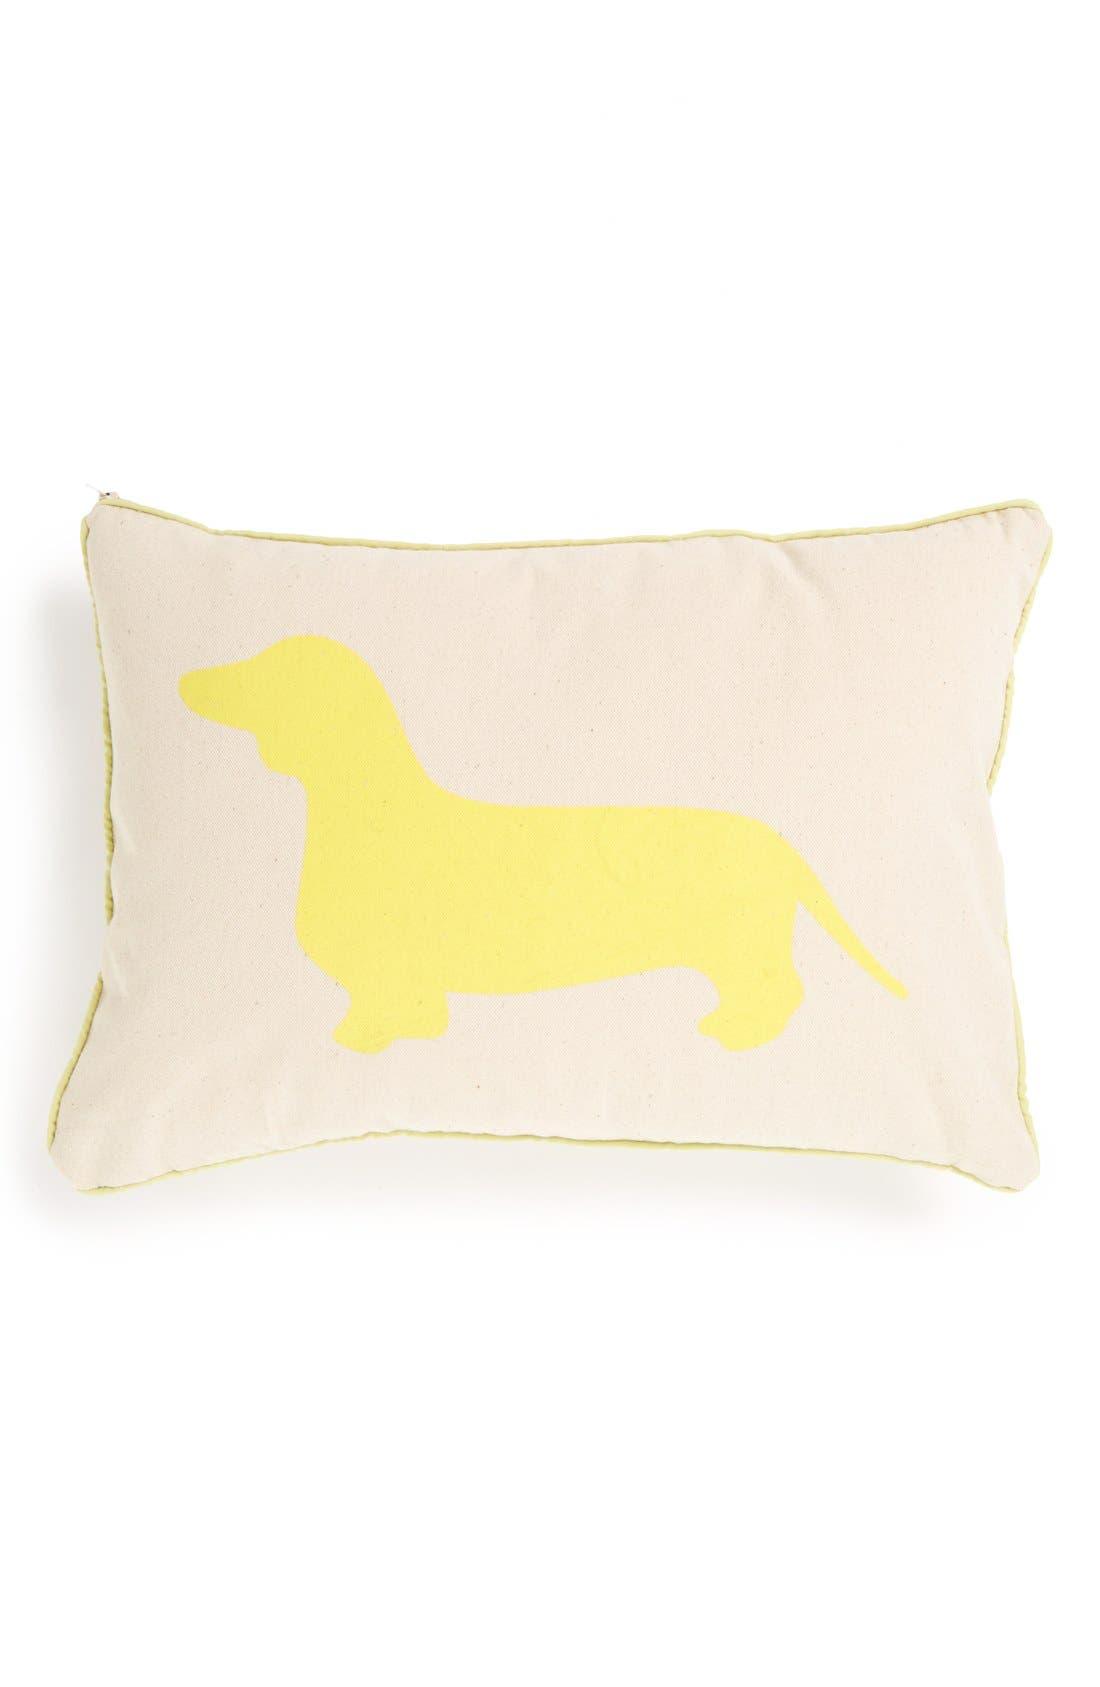 Main Image - Romy + Jacob 'Dachshund' Pillow